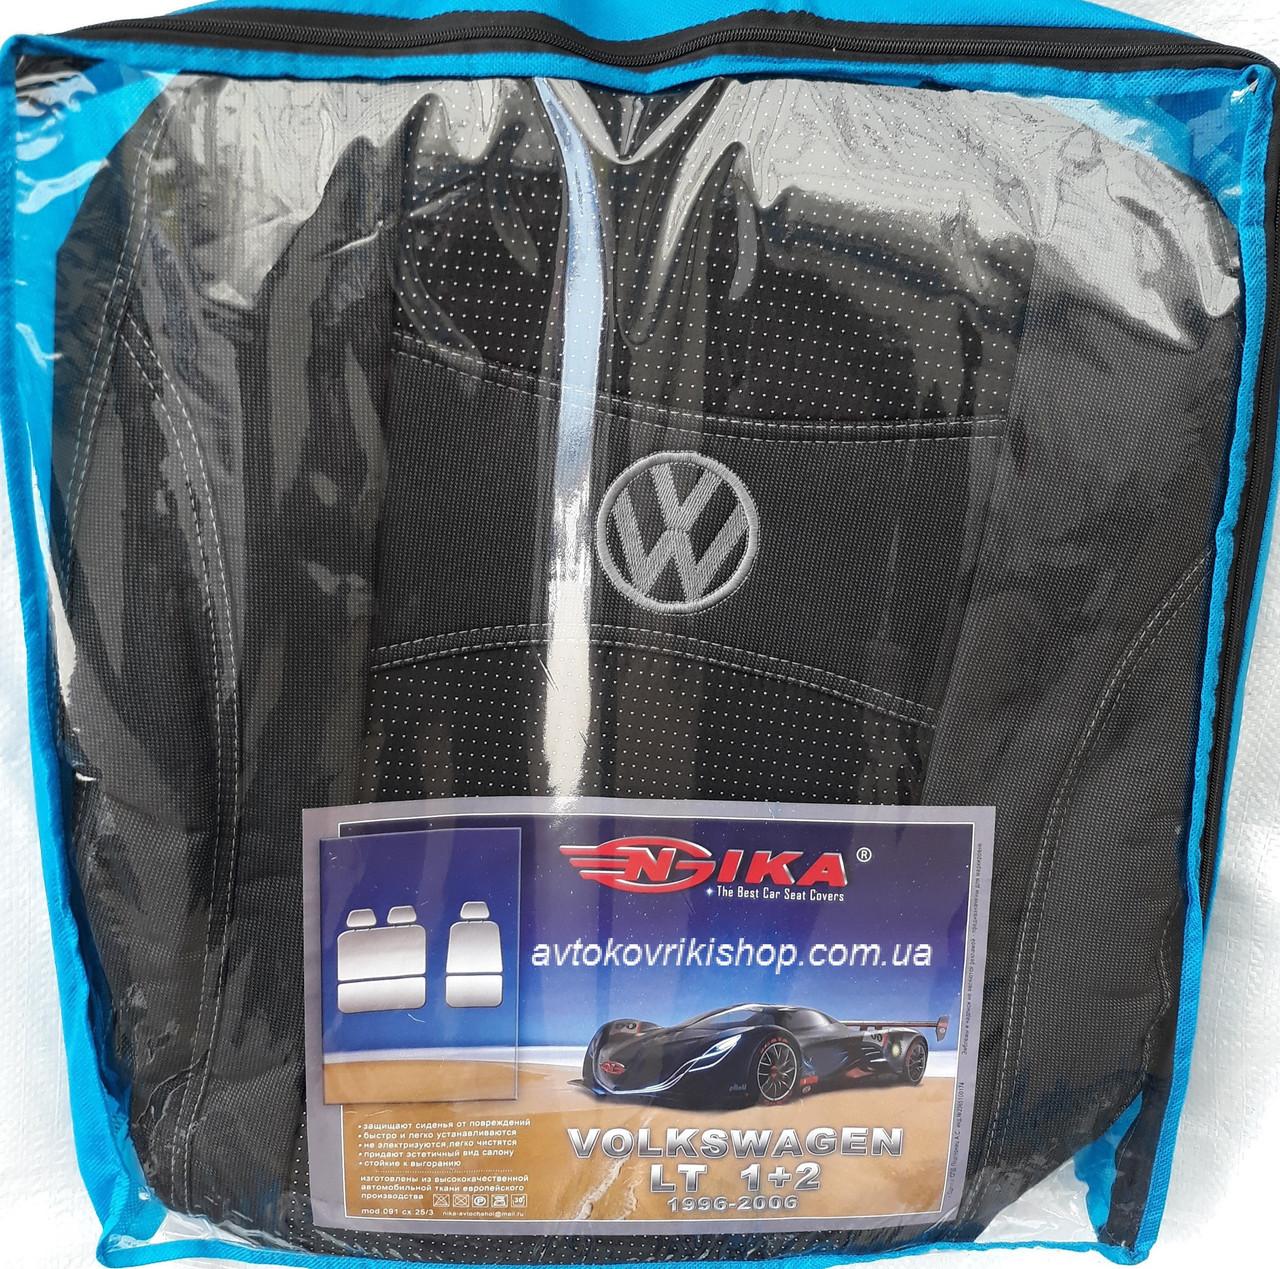 Авточехлы Volkswagen LT 1+2 1996-2006 Nika